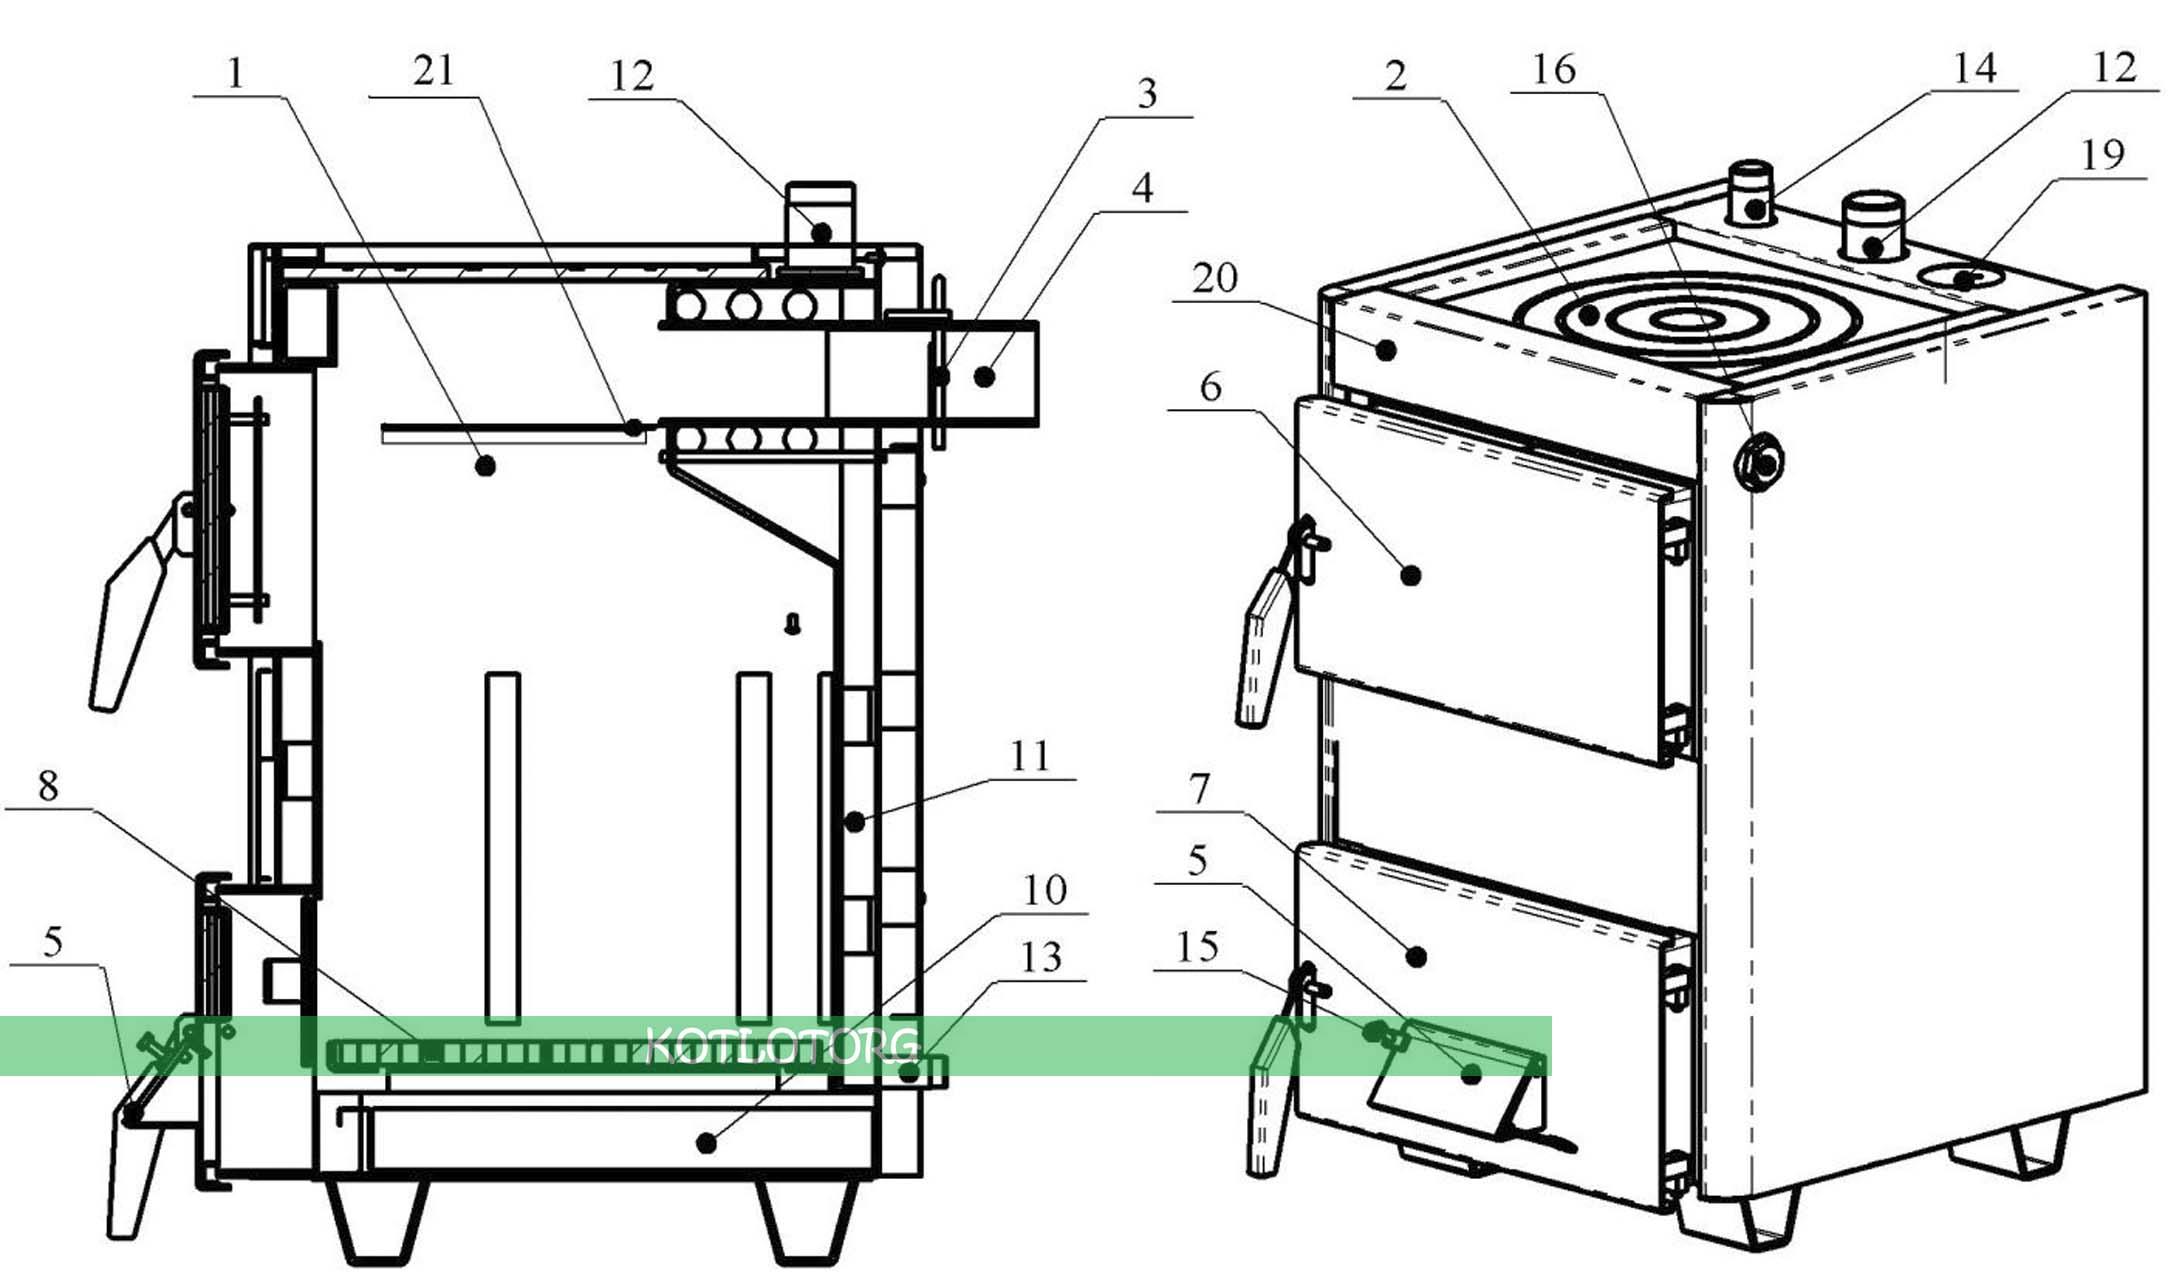 Котел-плита проскуров 14 кВт в разрезе